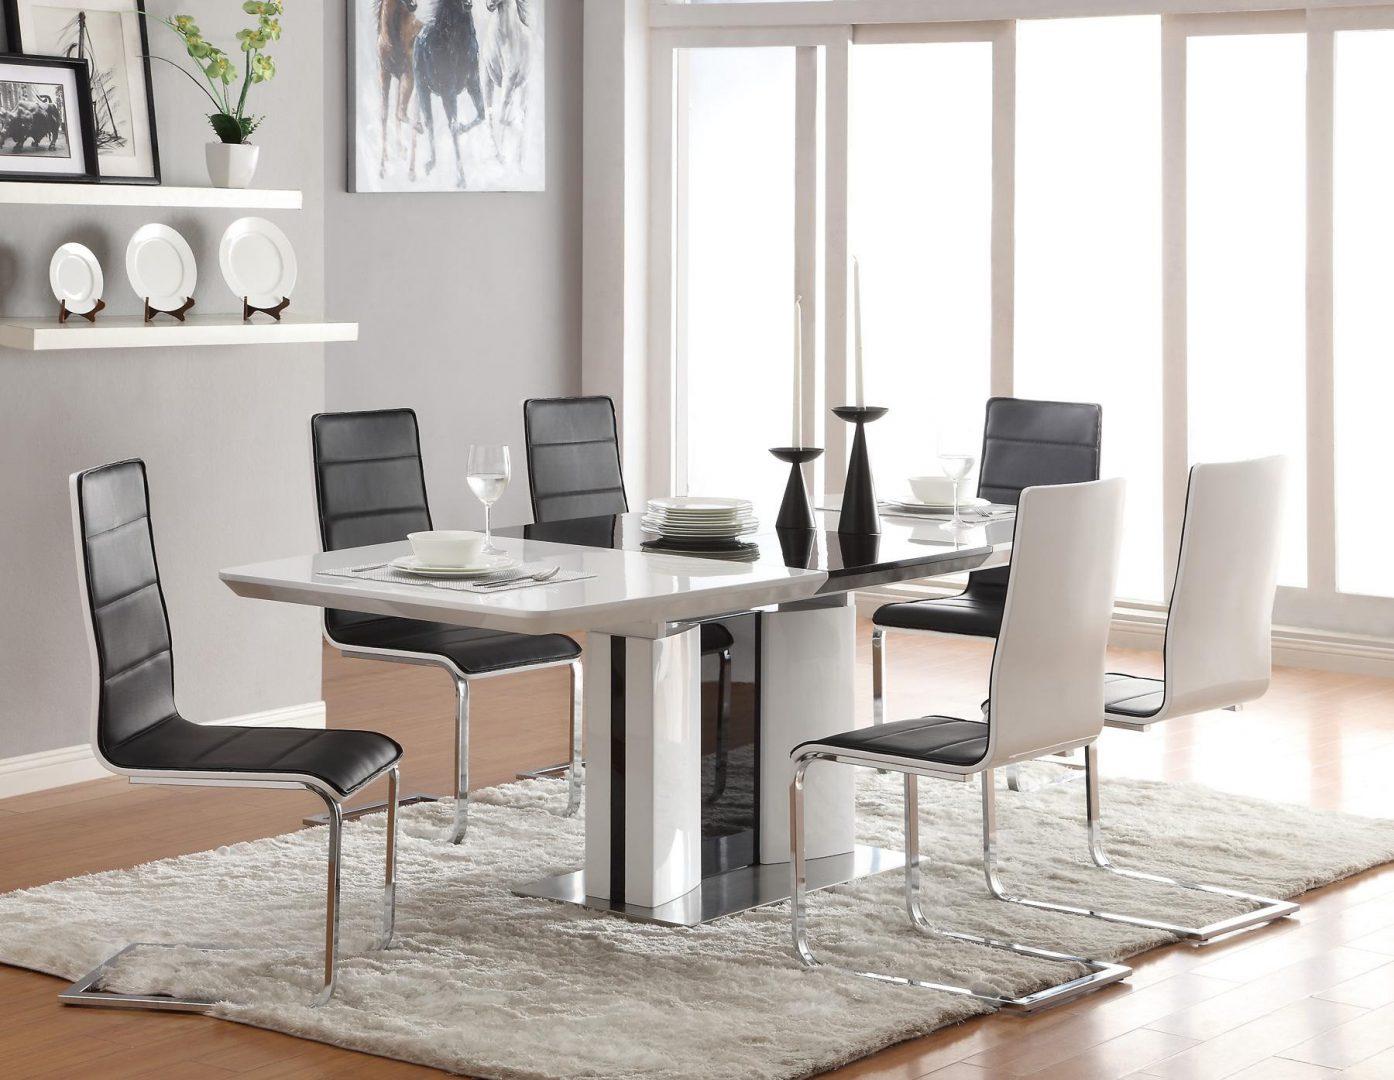 Mesa moderna de comedor en blanco y negro  Imgenes y fotos